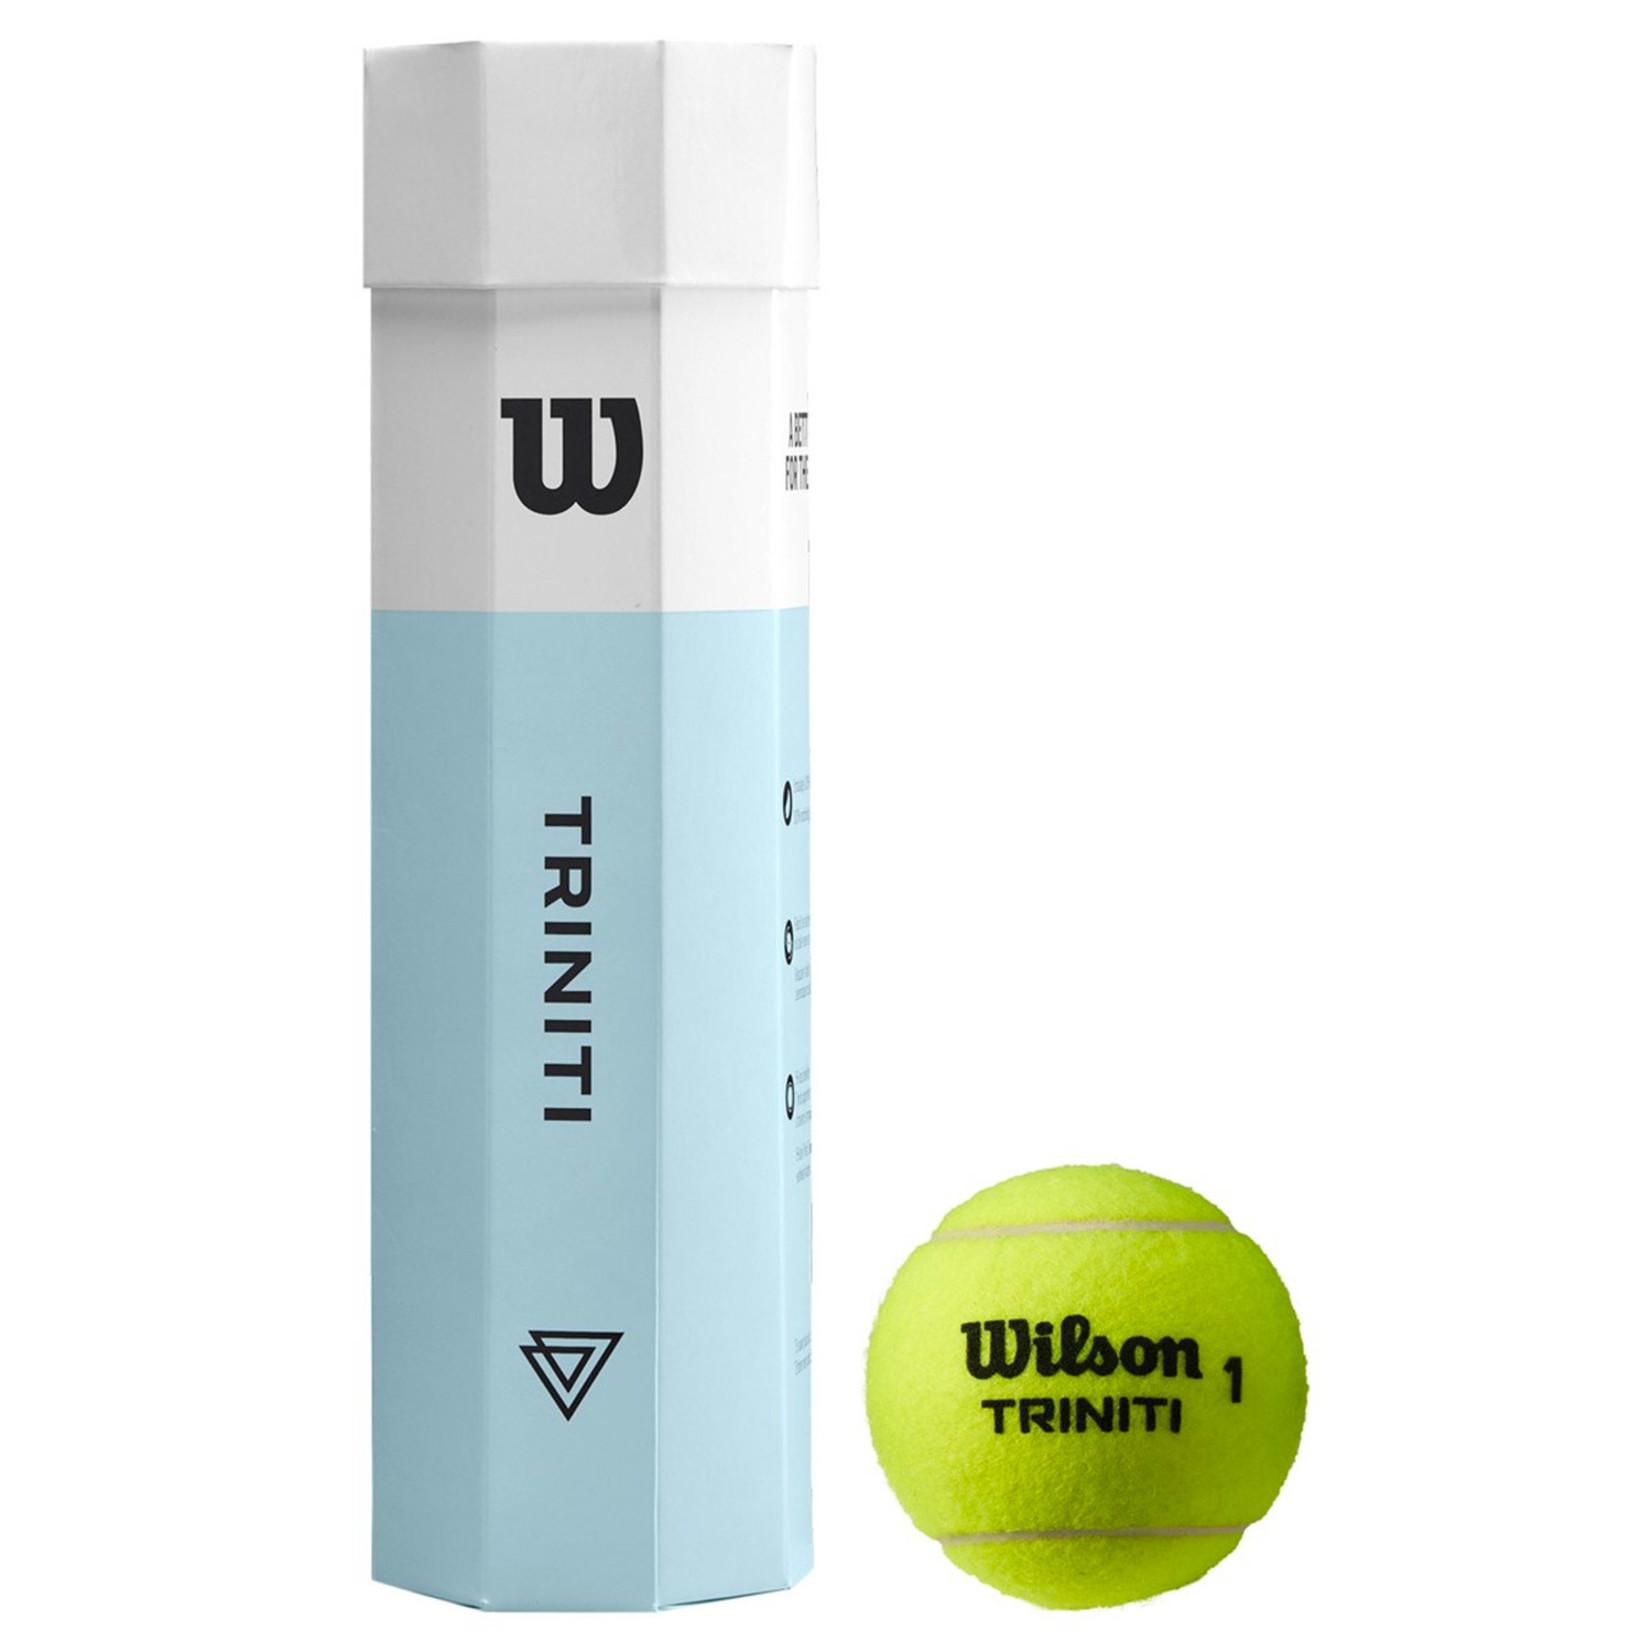 Wilson Triniti x4